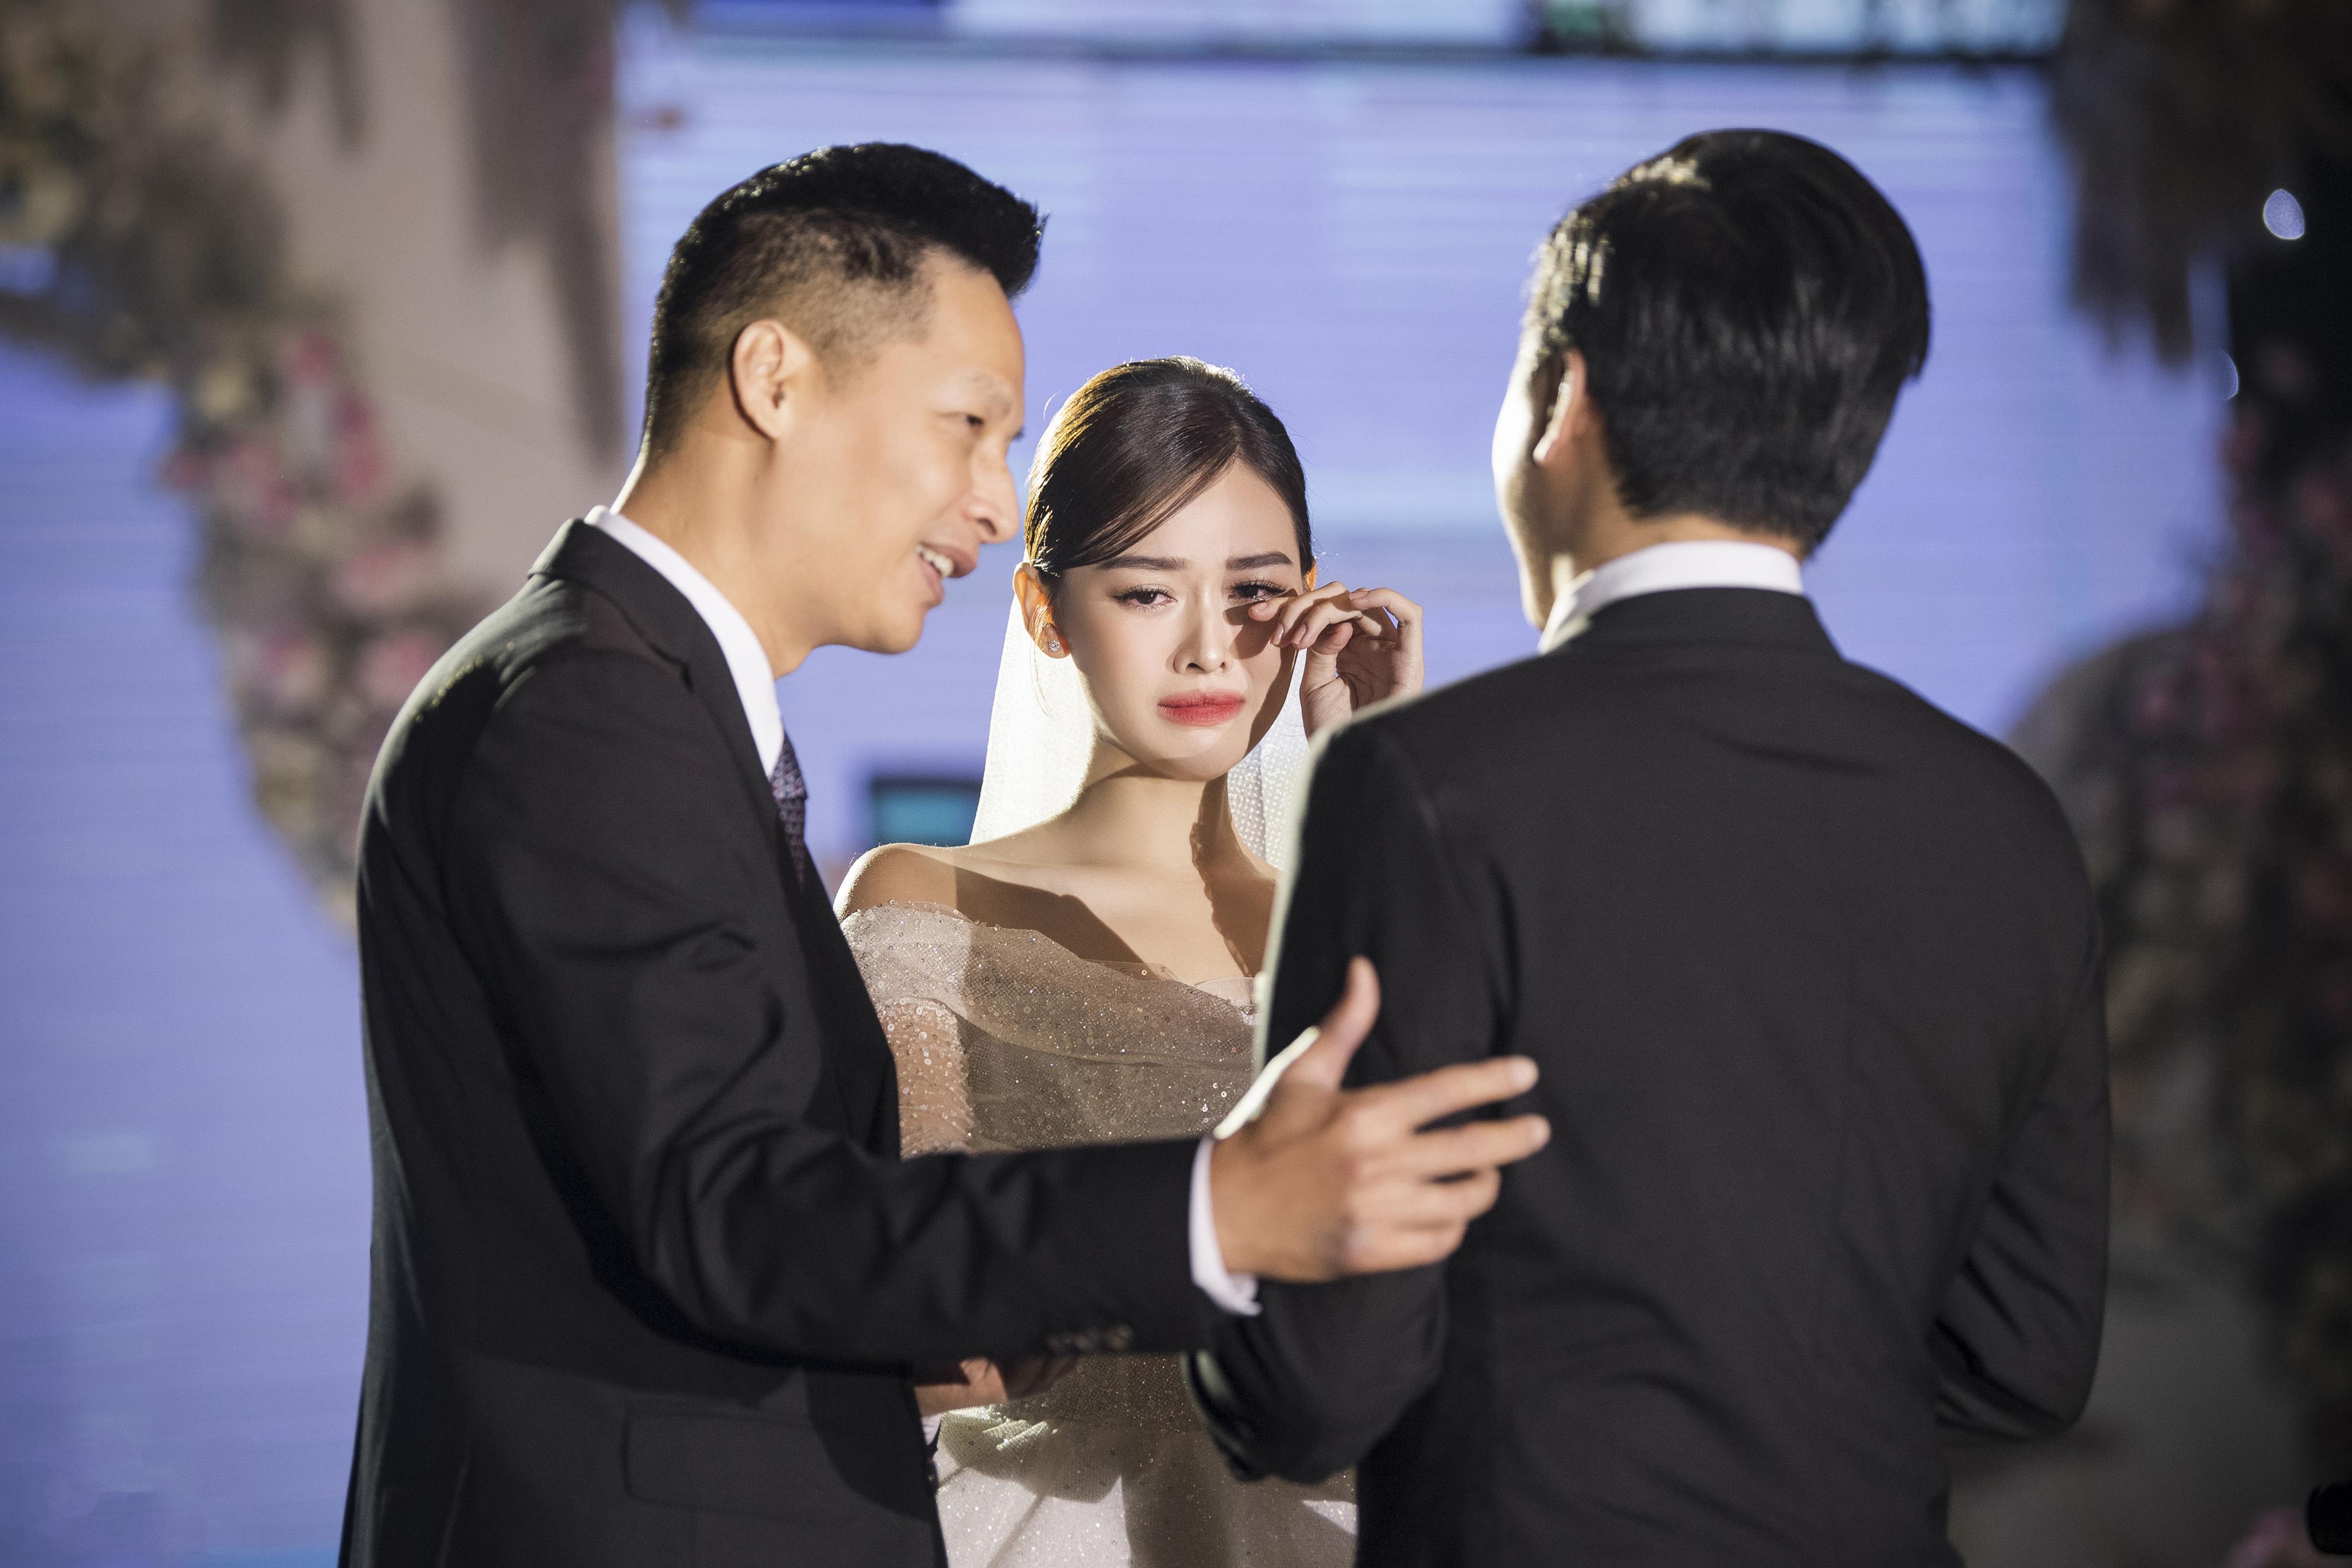 Đám cưới 'cổ tích' của Á hậu Tường San, dung mạo chú rể làm công chúng tò mò - Ảnh 4